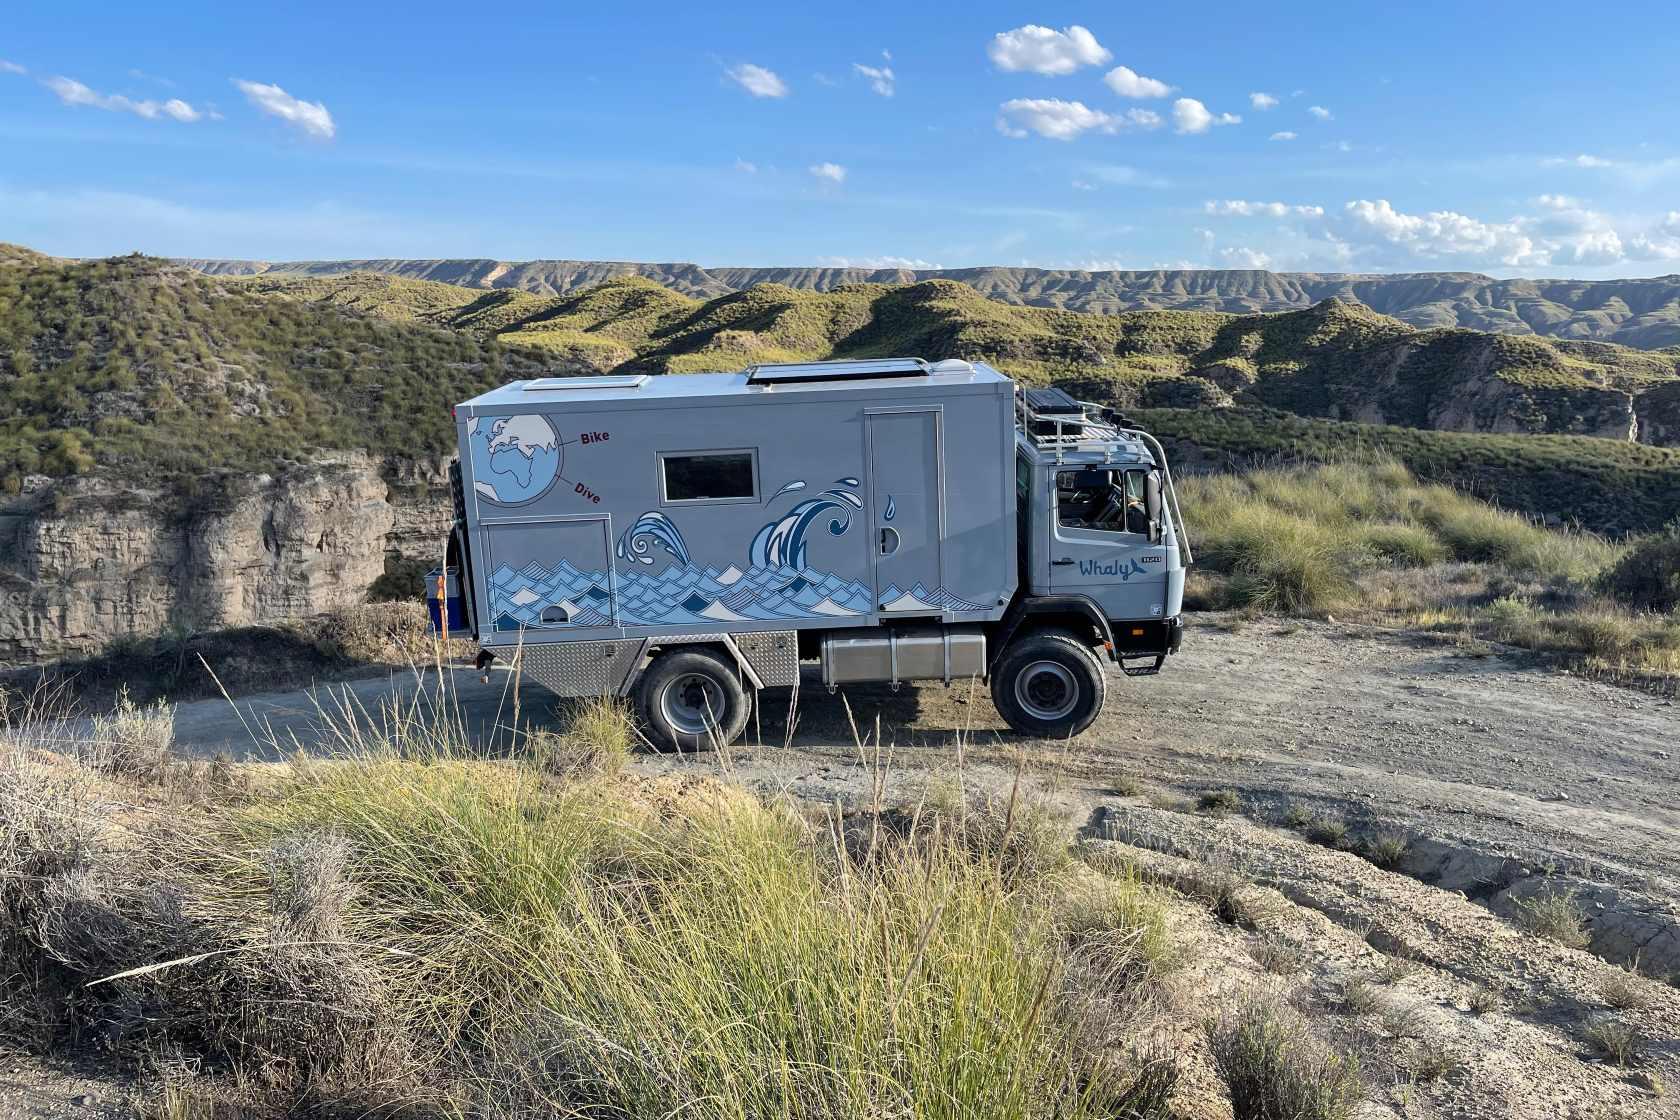 Gorafe Desert_Reisebericht Spanien